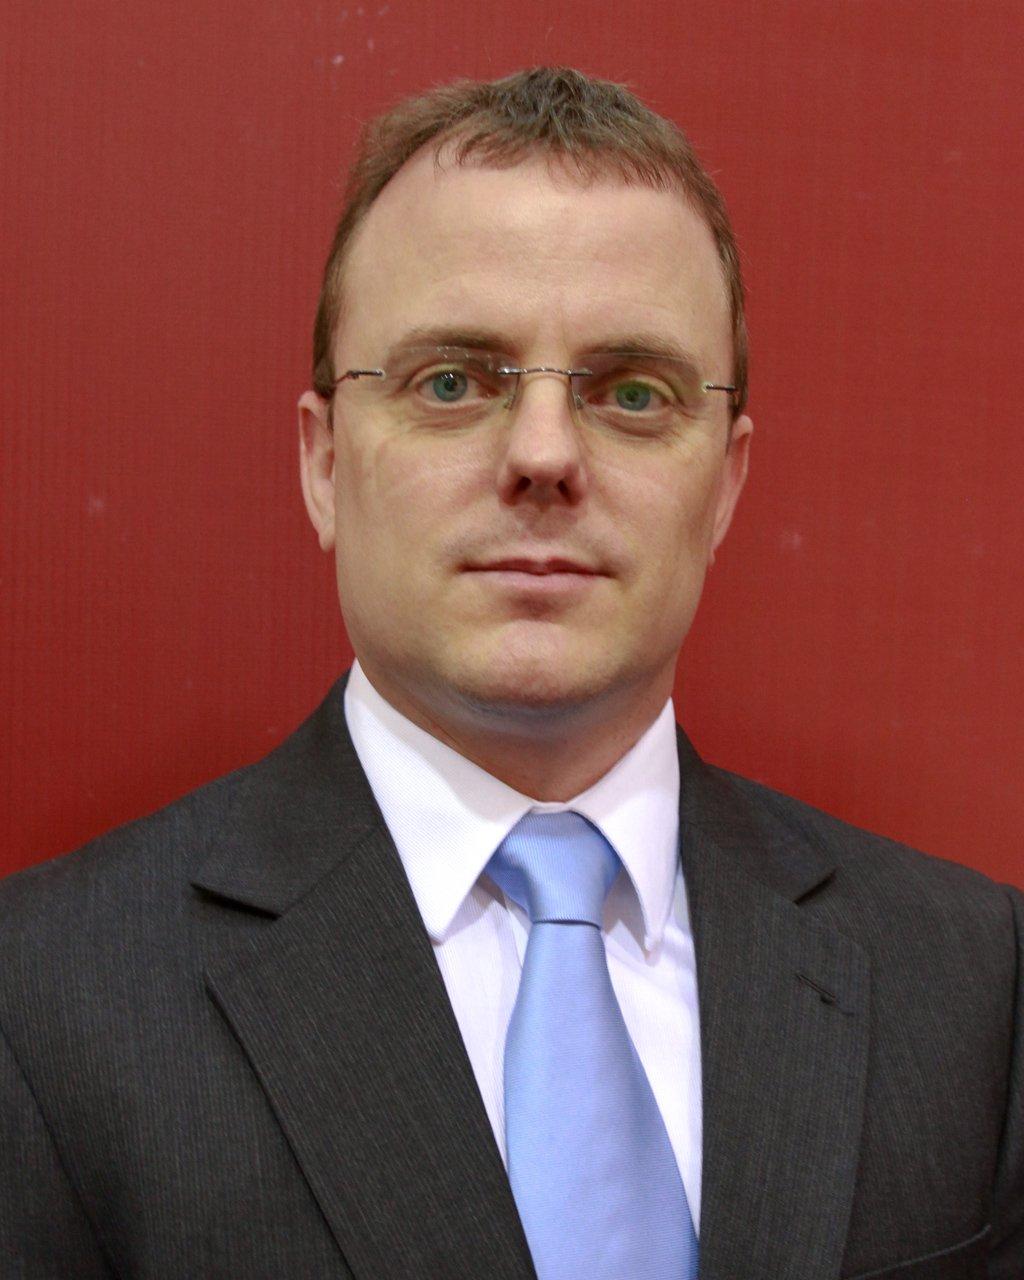 Mr. Marc Hampel